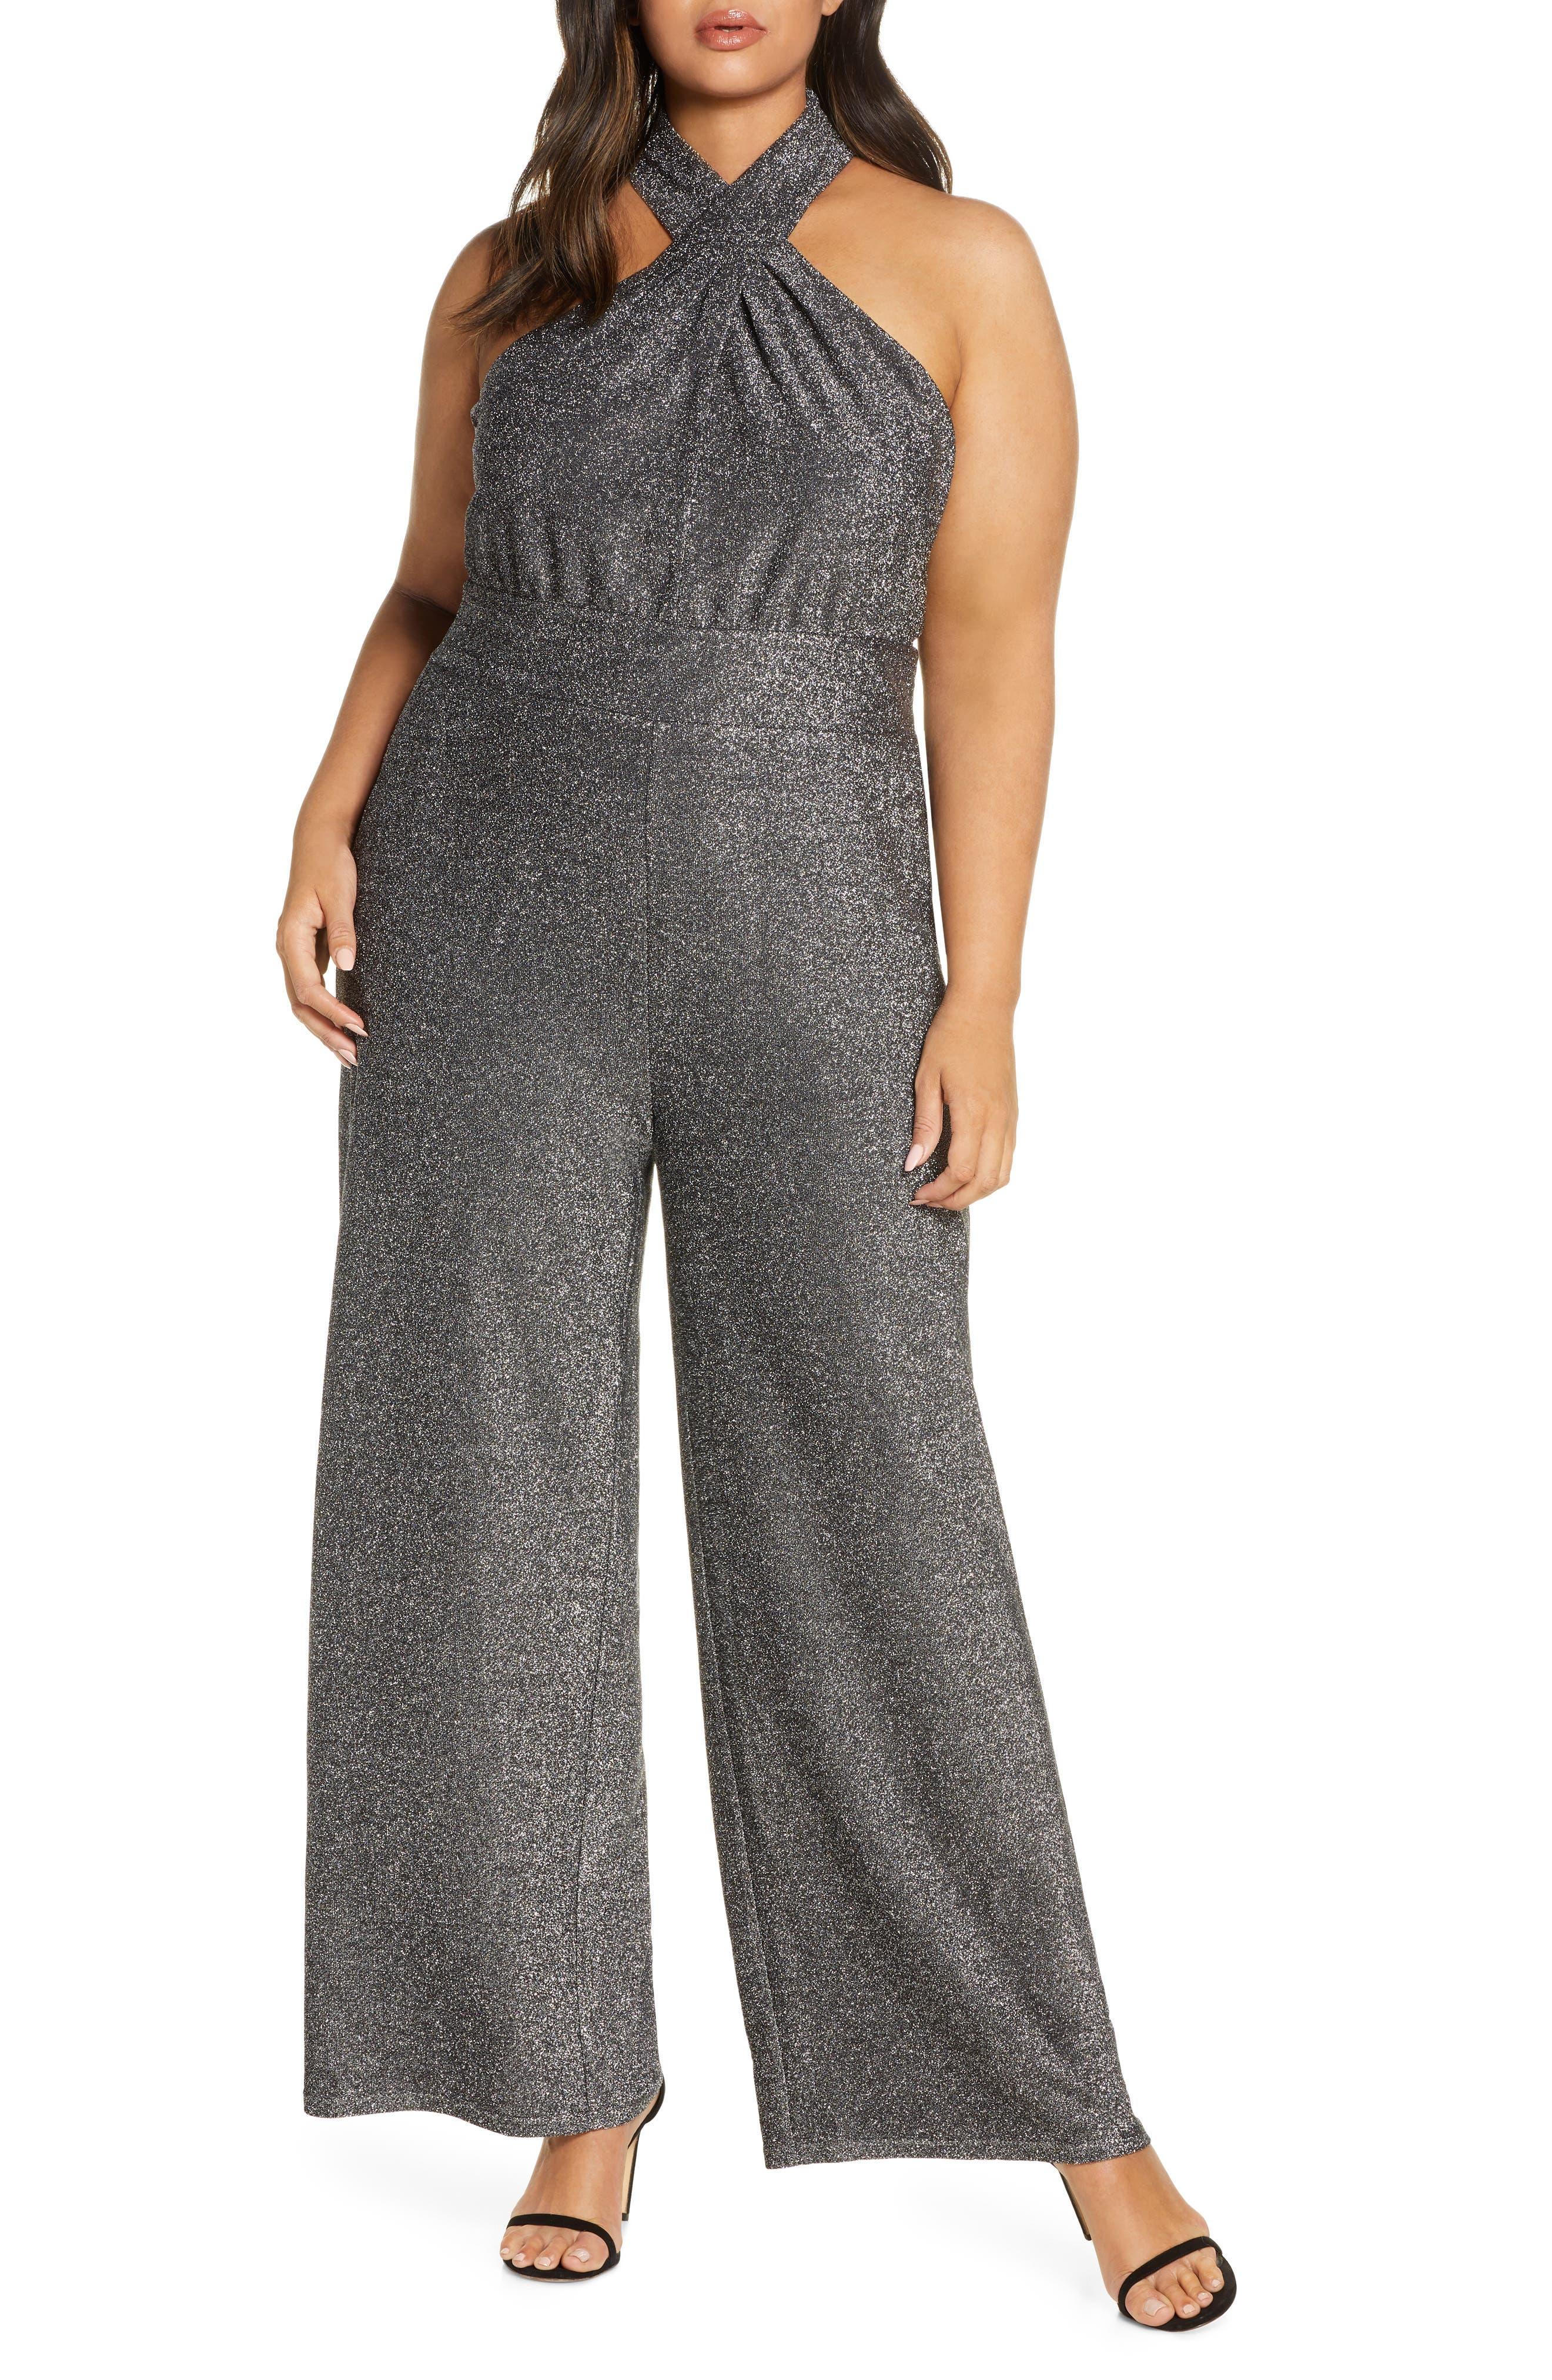 70s Jumpsuit   Disco Jumpsuits – Sequin, Striped, Gold, White, Black Plus Size Womens Michael Michael Kors Twist Neck Jumpsuit $155.00 AT vintagedancer.com